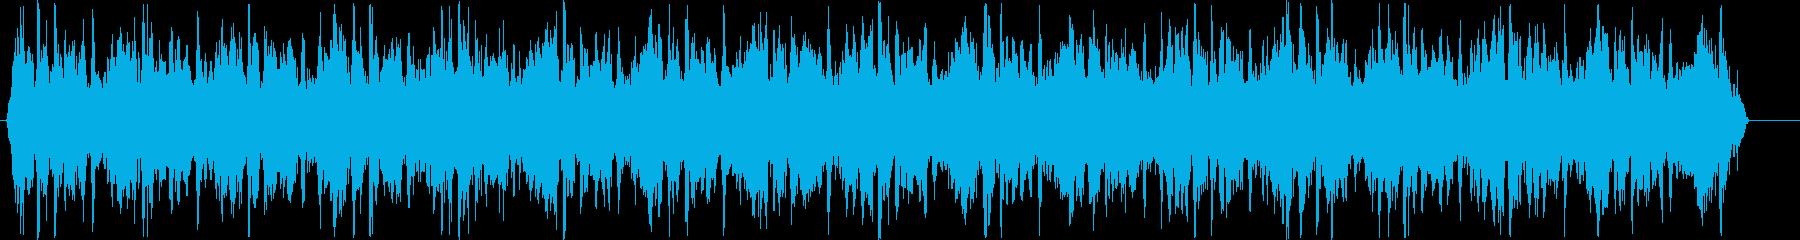 オイルポンプ;オイルポンプ;モータ...の再生済みの波形